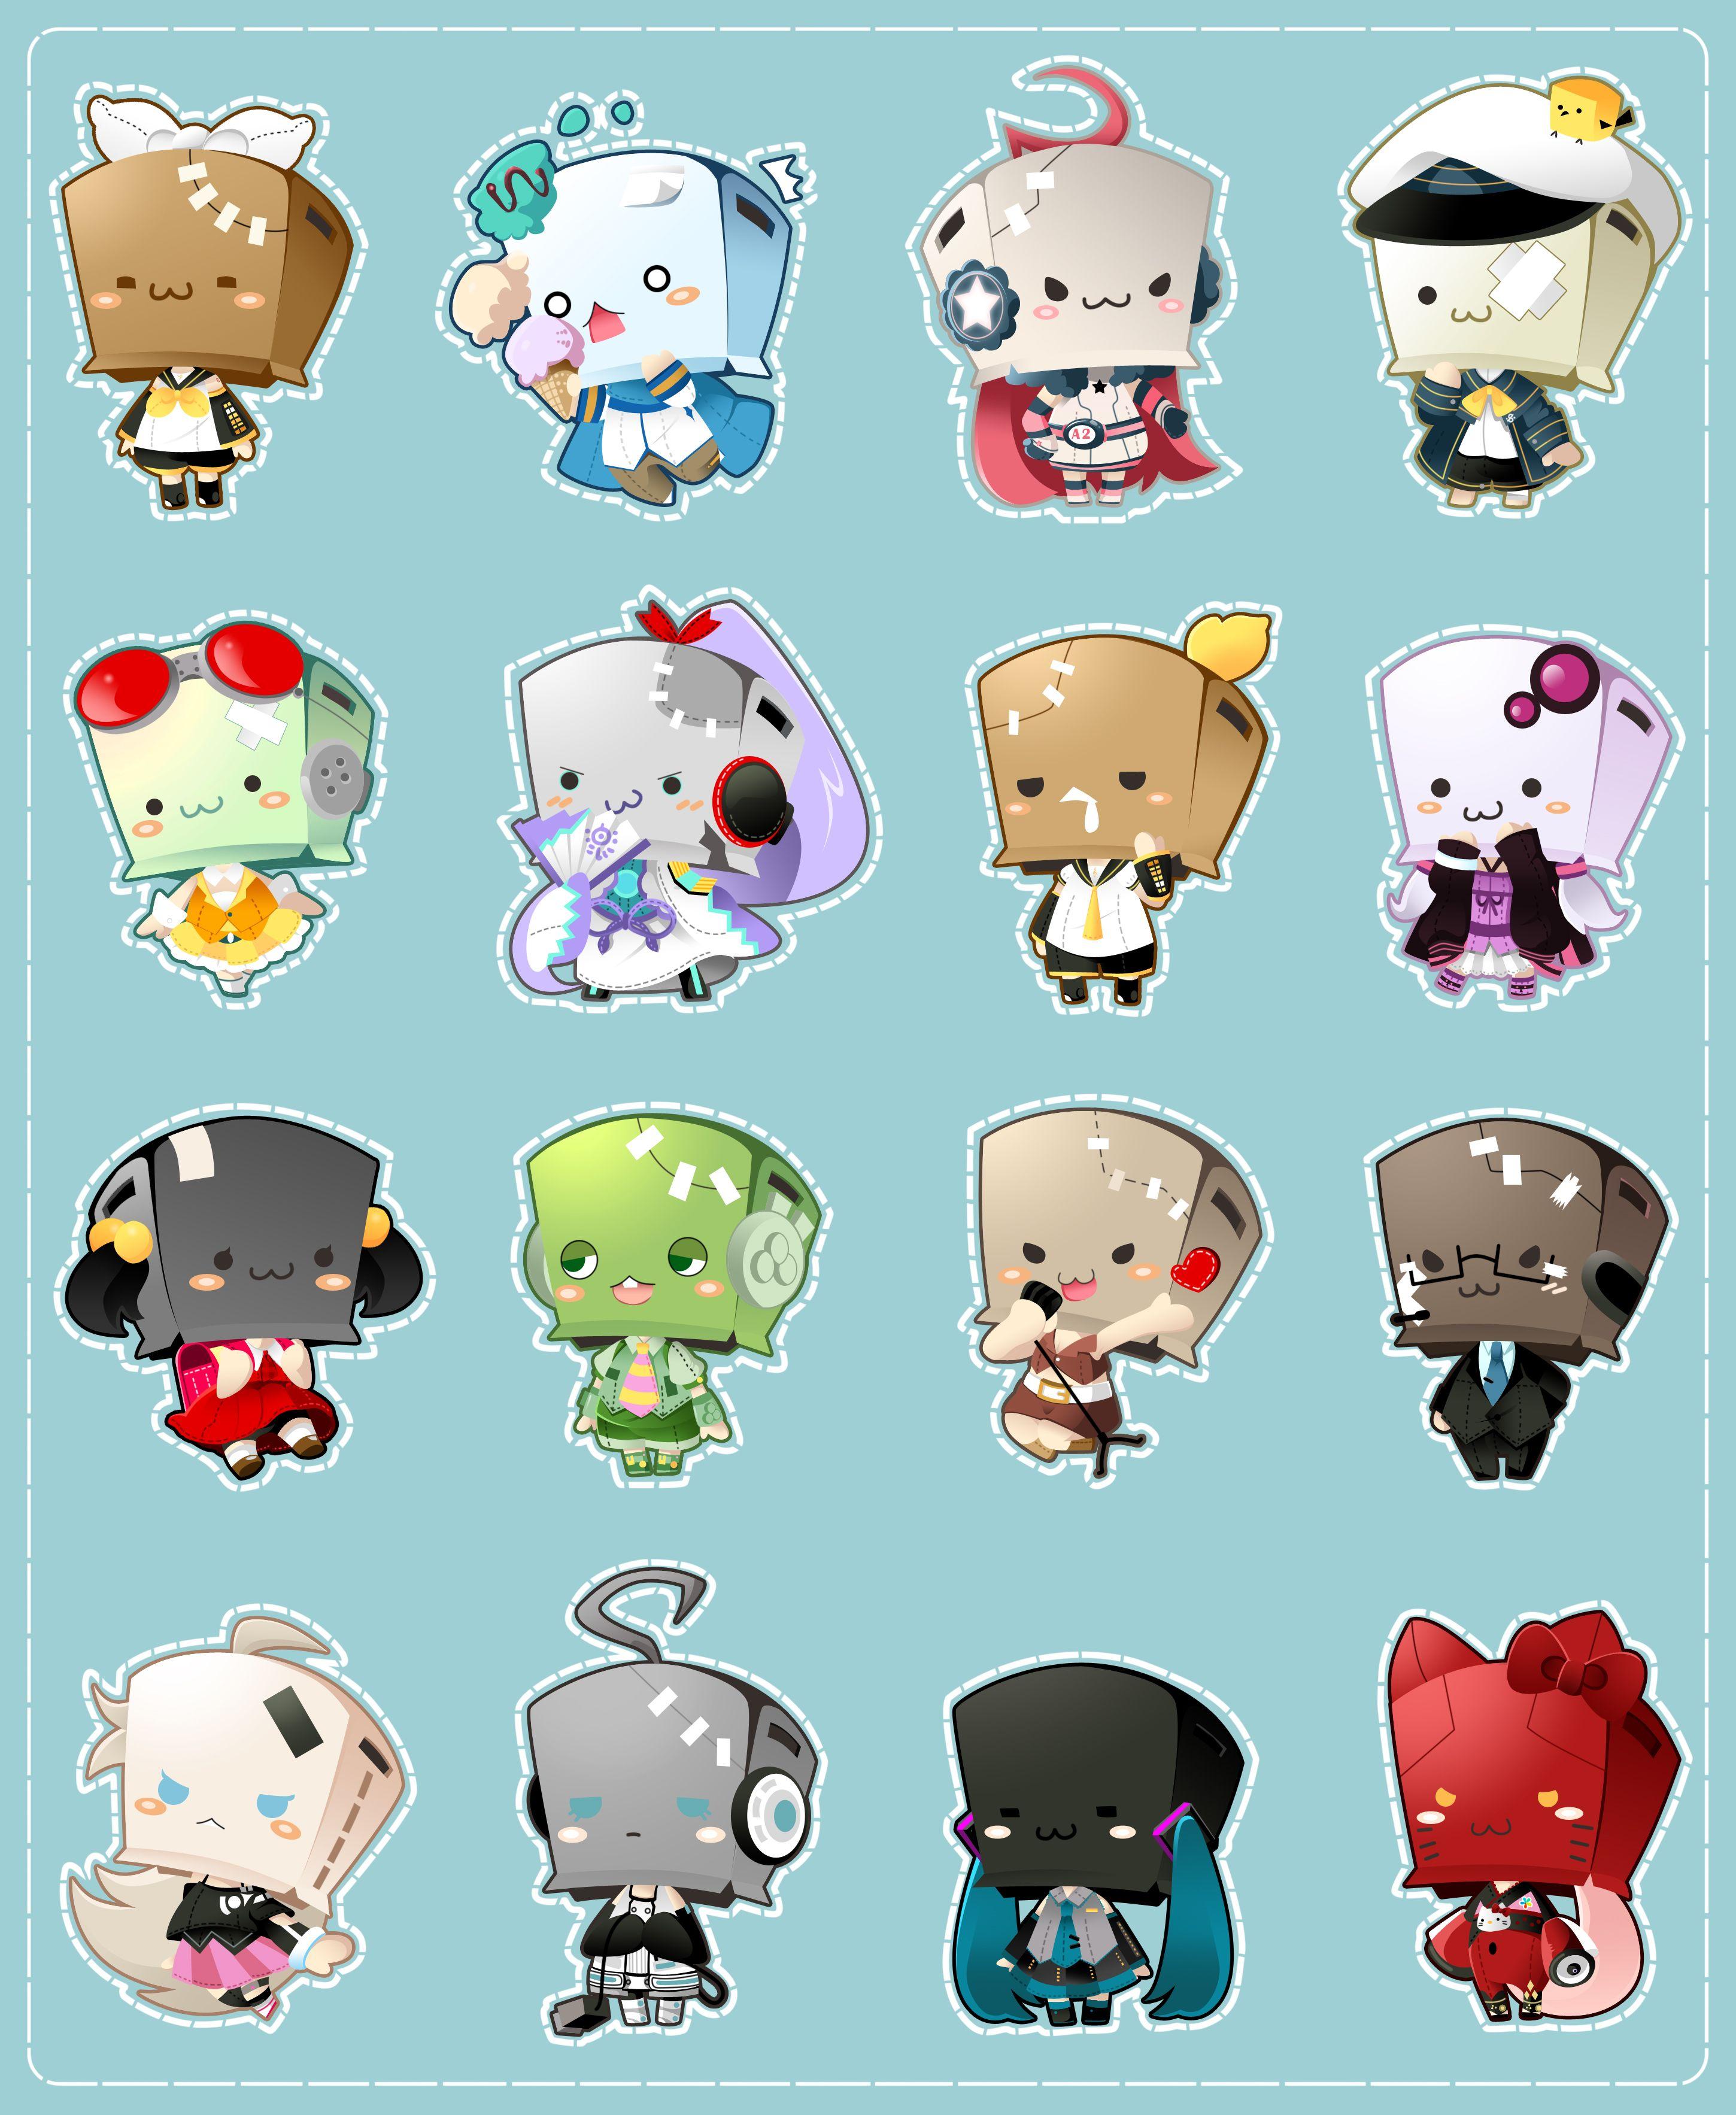 Tags: Hatsune Miku, Vocaloid, Kagamine Rin, Kagamine Len, KAITO, MEIKO (Vocaloid), Kamui Gakupo, GUMI, Miki, Hiyama Kiyoteru, Kaai Yuki, Bridget00747, Nekomura Iroha, Ryuto, Utatane Piko, Oliver (Vocaloid), Yuzuki Yukari, IA, Voiceroid